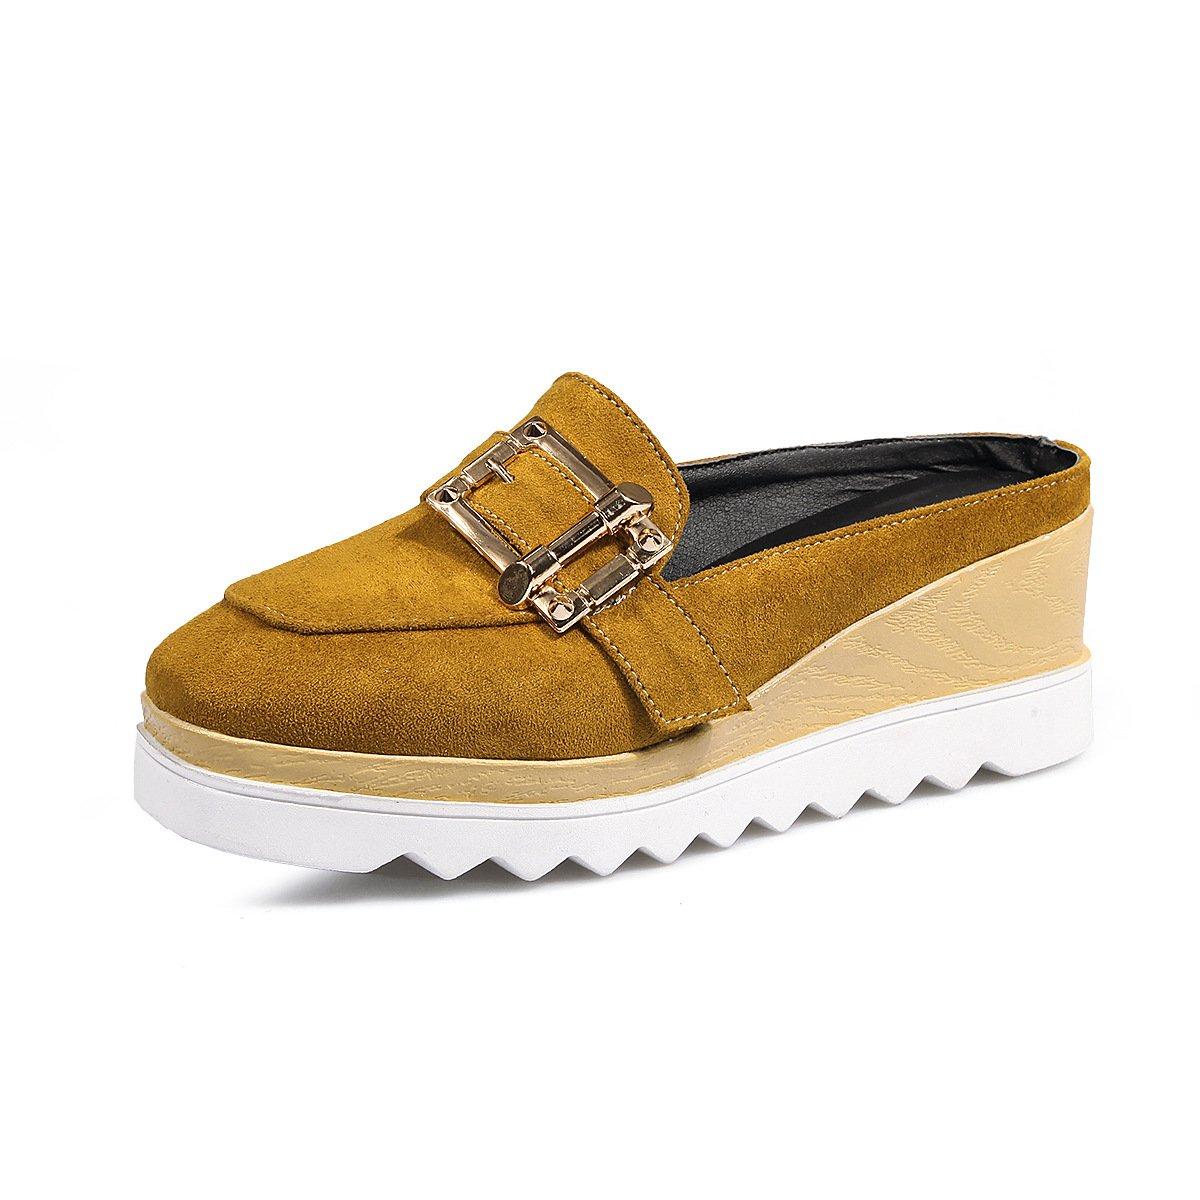 Unbekannt Sandalen von Frauen Dick Unten Unten Unten Steigung Baotou Flip Flop Großen Äußeren Verschleiß Gelb 39 ca52c0